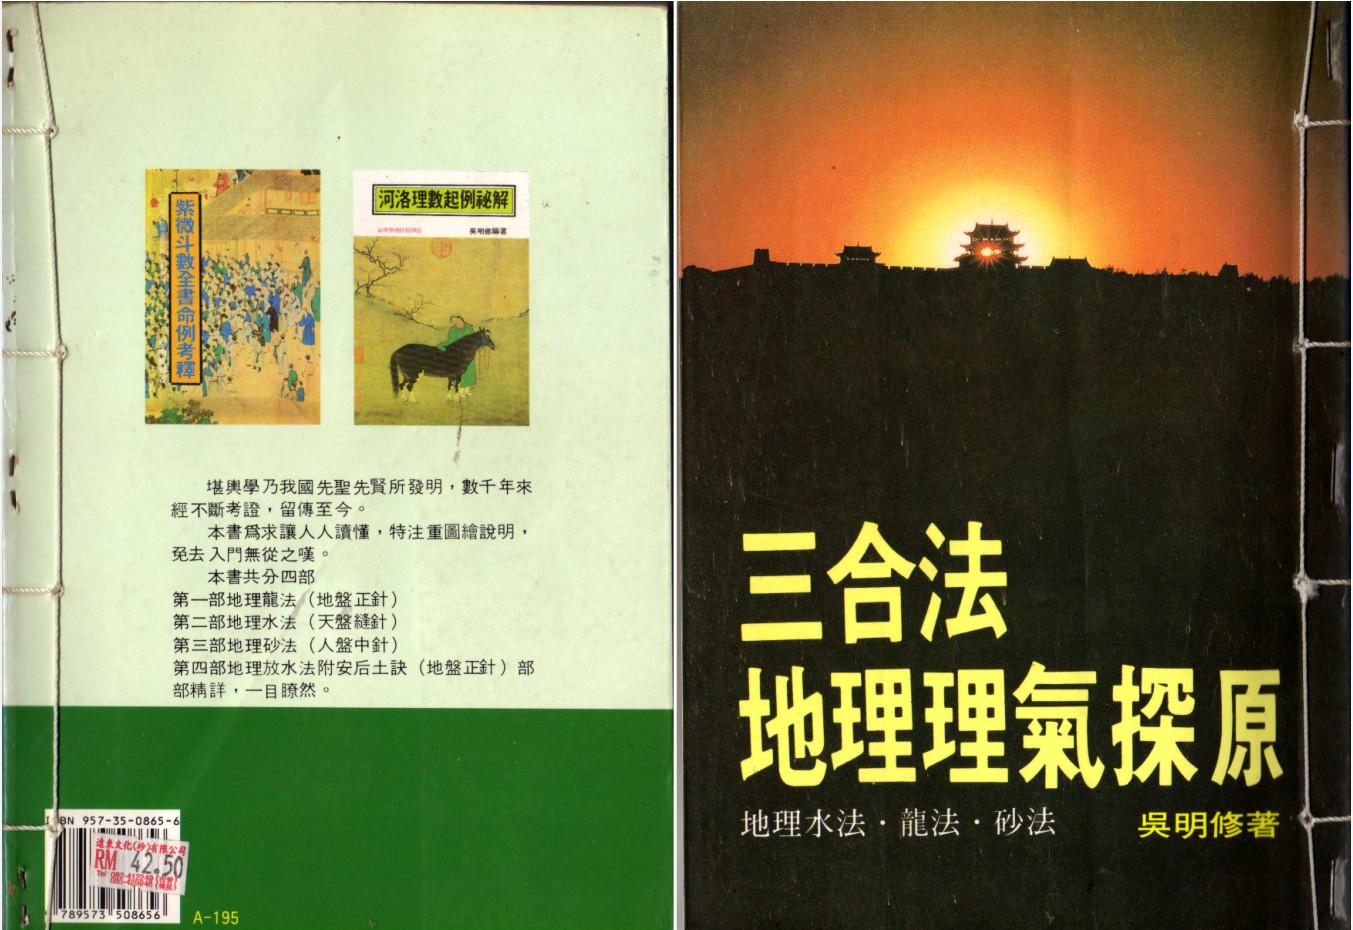 吴明修《三合法地理理气探原》-要福利,就在第一福利!